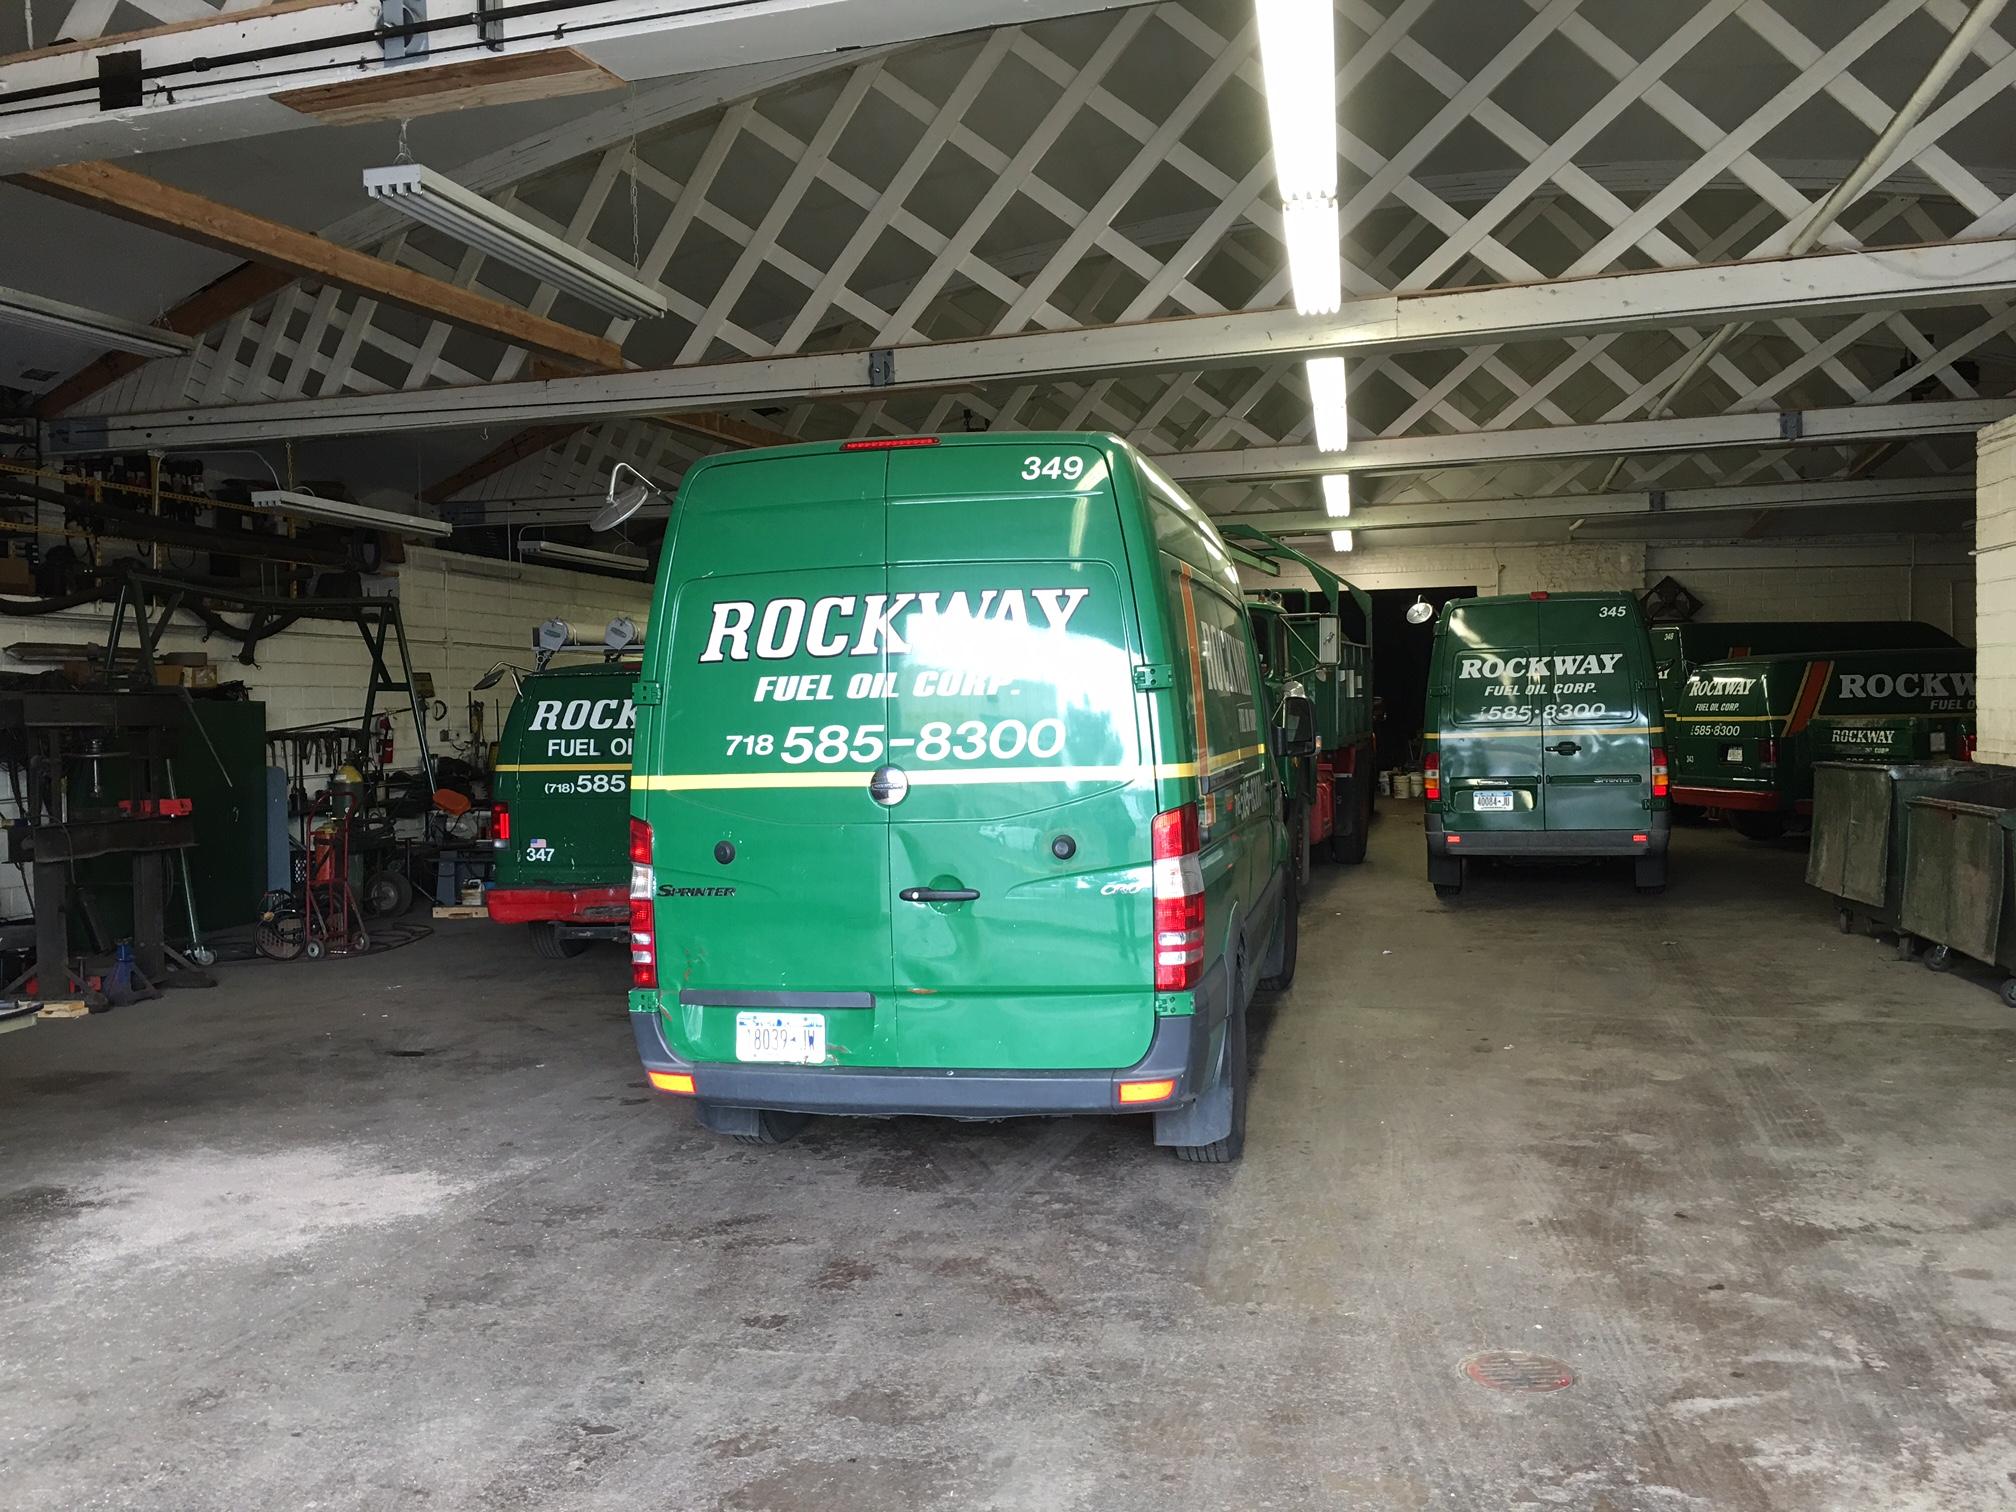 Rockway Fuel Oil Corp. image 8